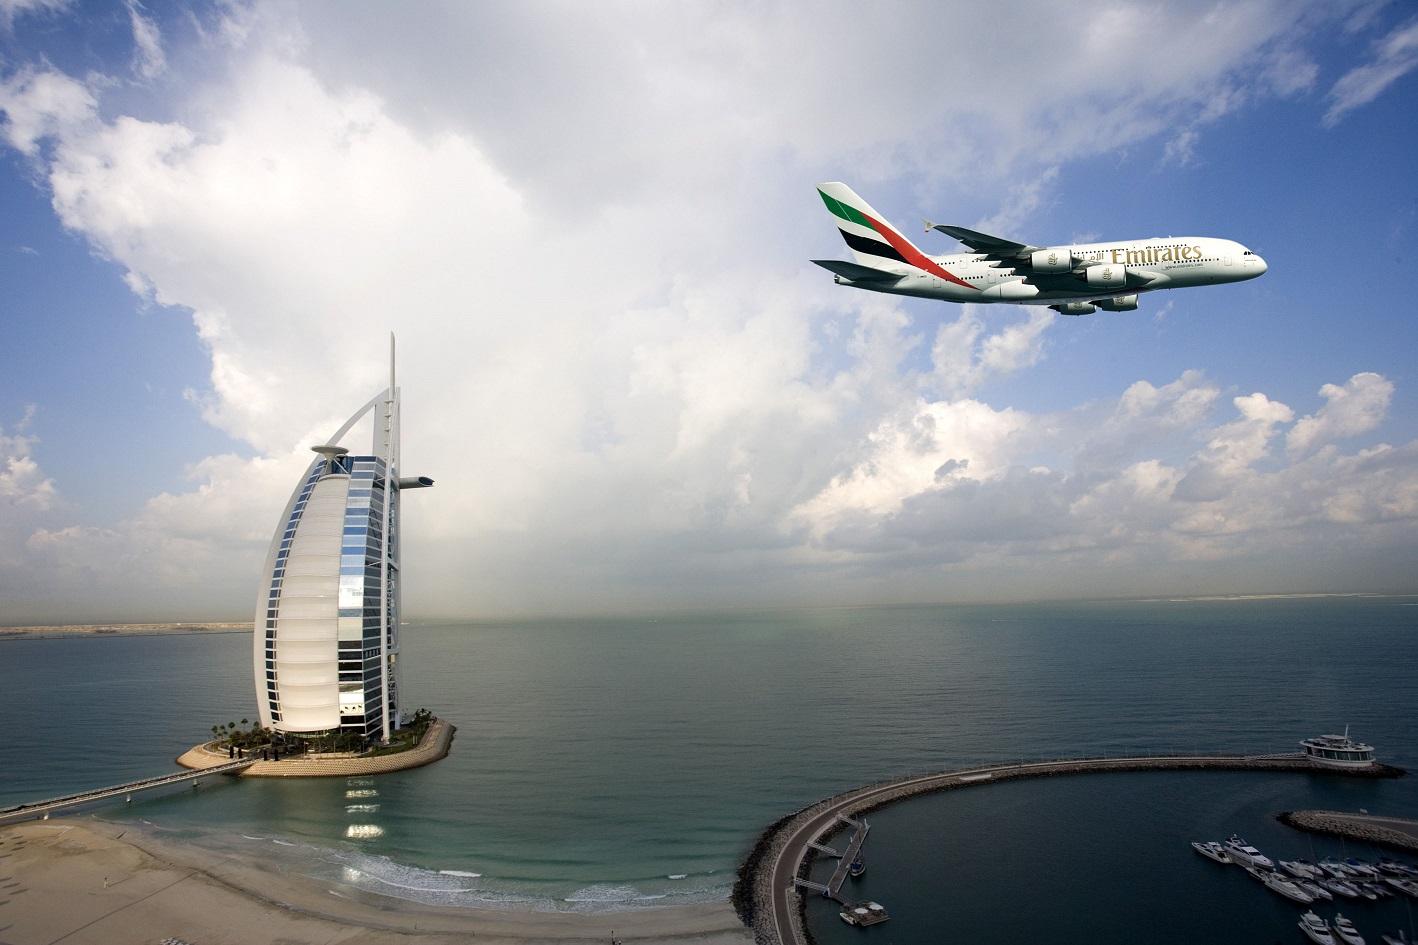 坐水上飞机俯瞰整个棕榈岛,在海底餐厅品尝美食,亦或者去迪拜的各大